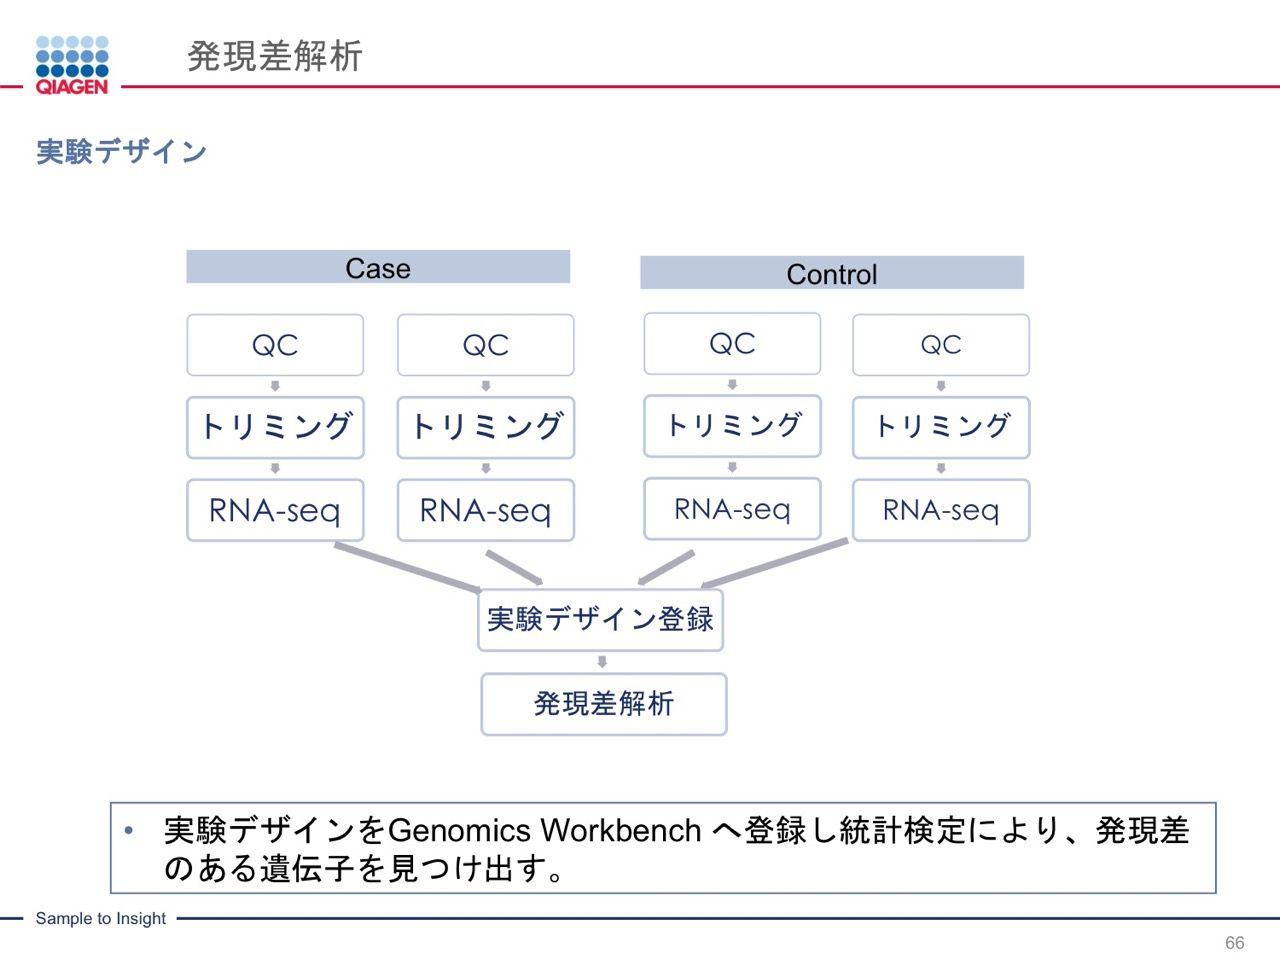 images/AJACSa2_miyamoto_066.jpg